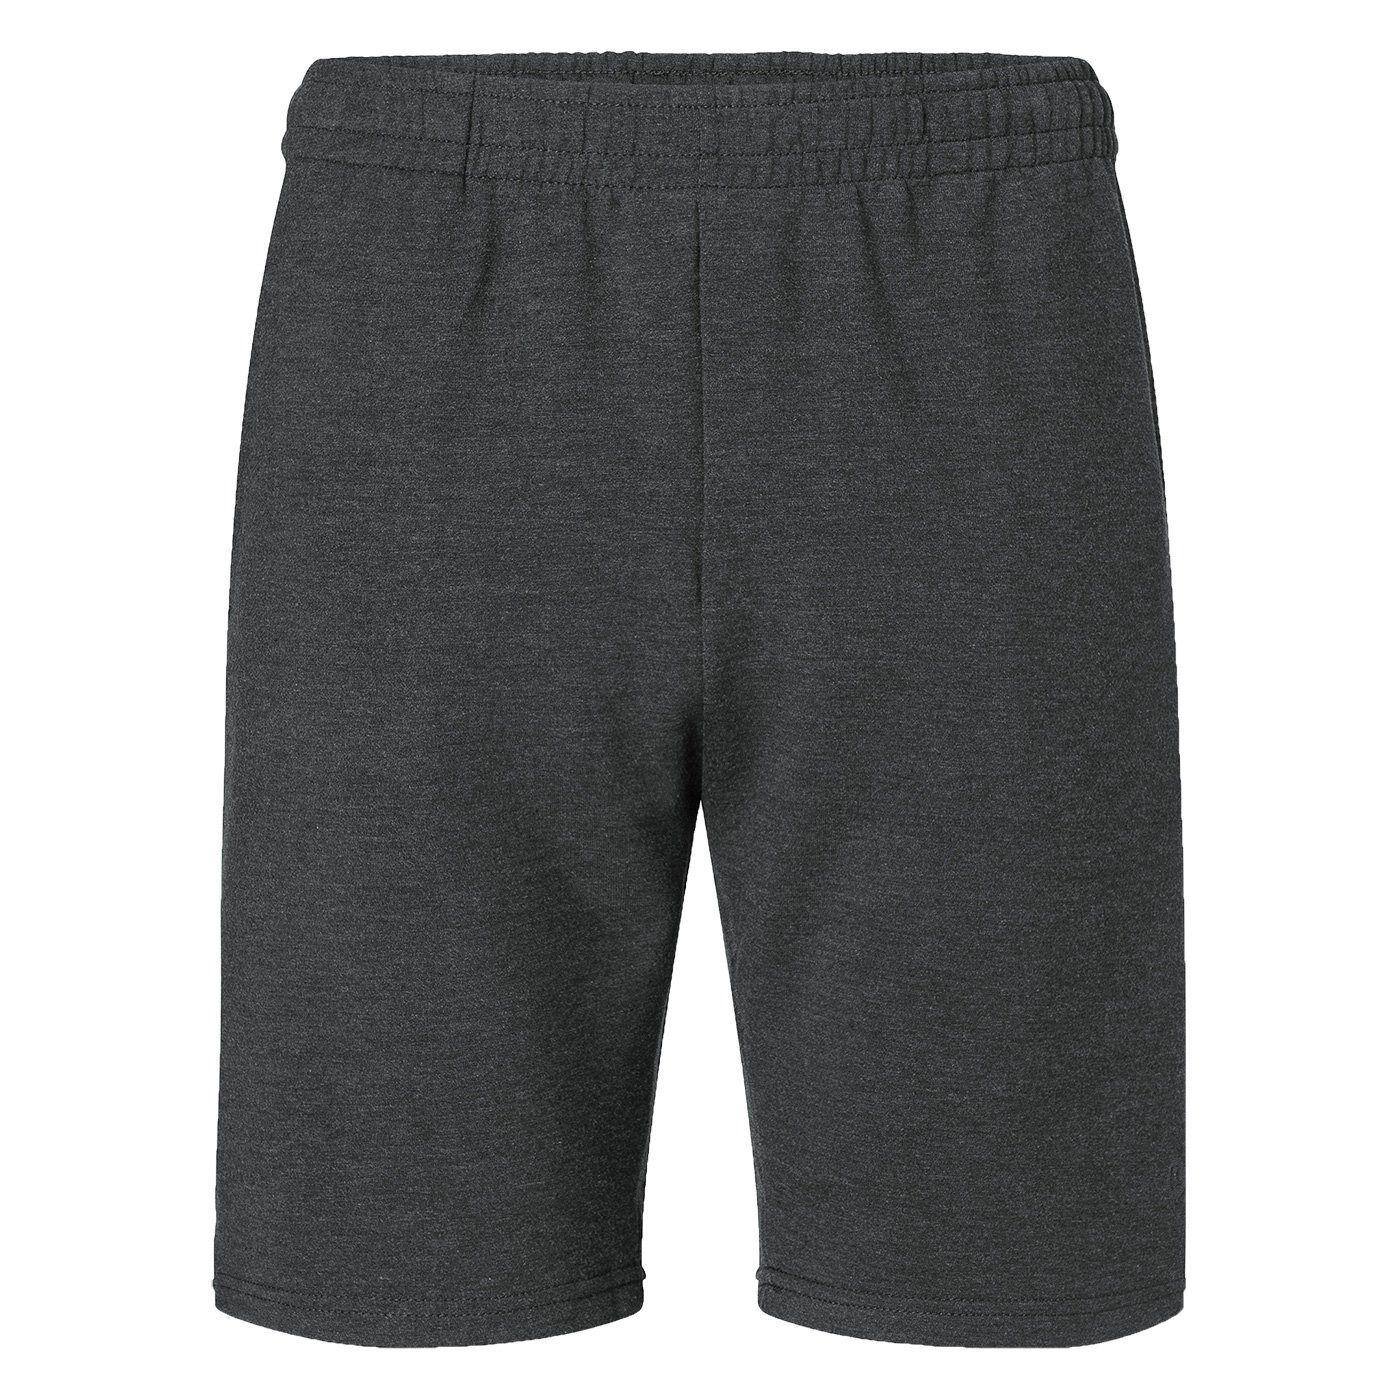 DEPROC Active Shorts »KENTVILLE MEN Sport &Freizeit Short«, anthra